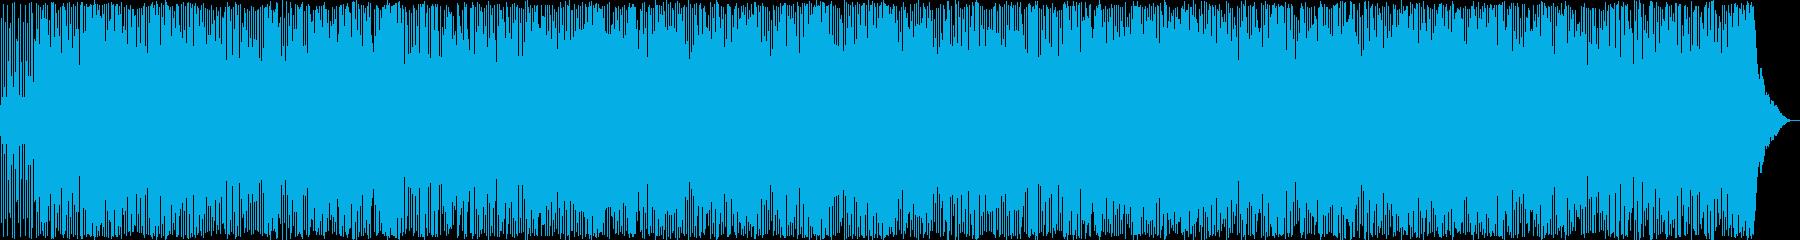 疾走感のあるカントリーミュージックの再生済みの波形